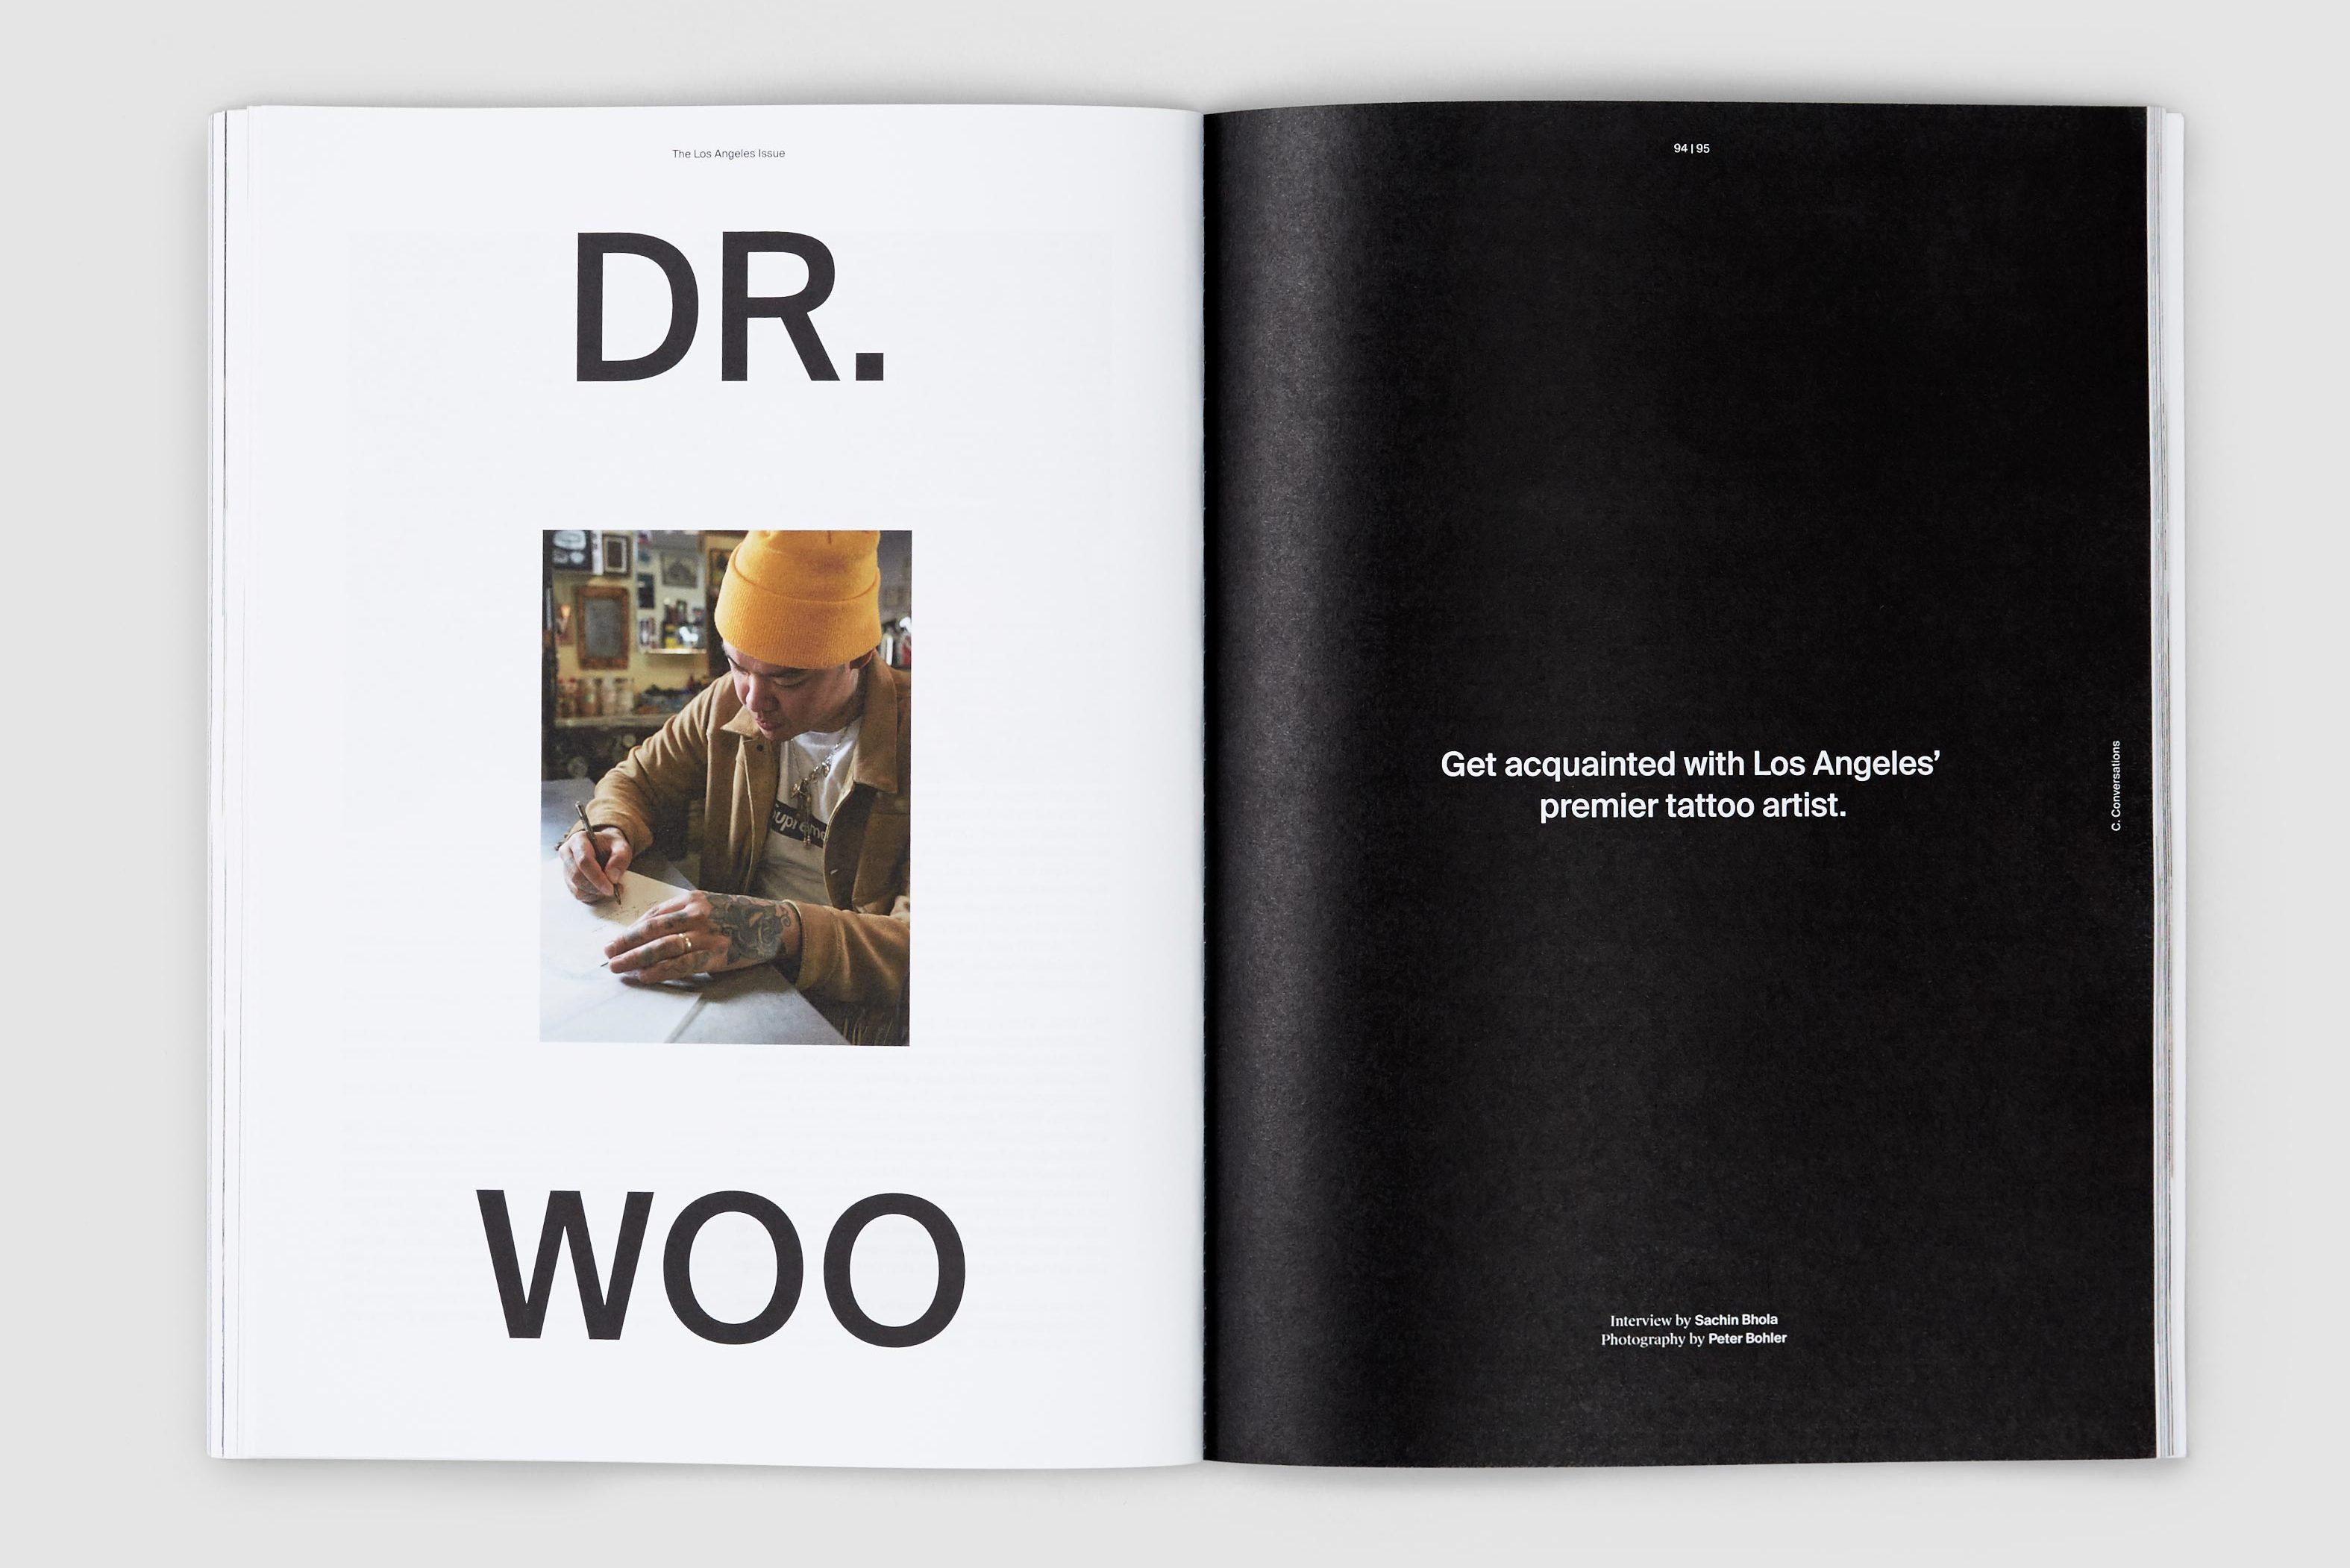 Oak Street - Dr. Woo